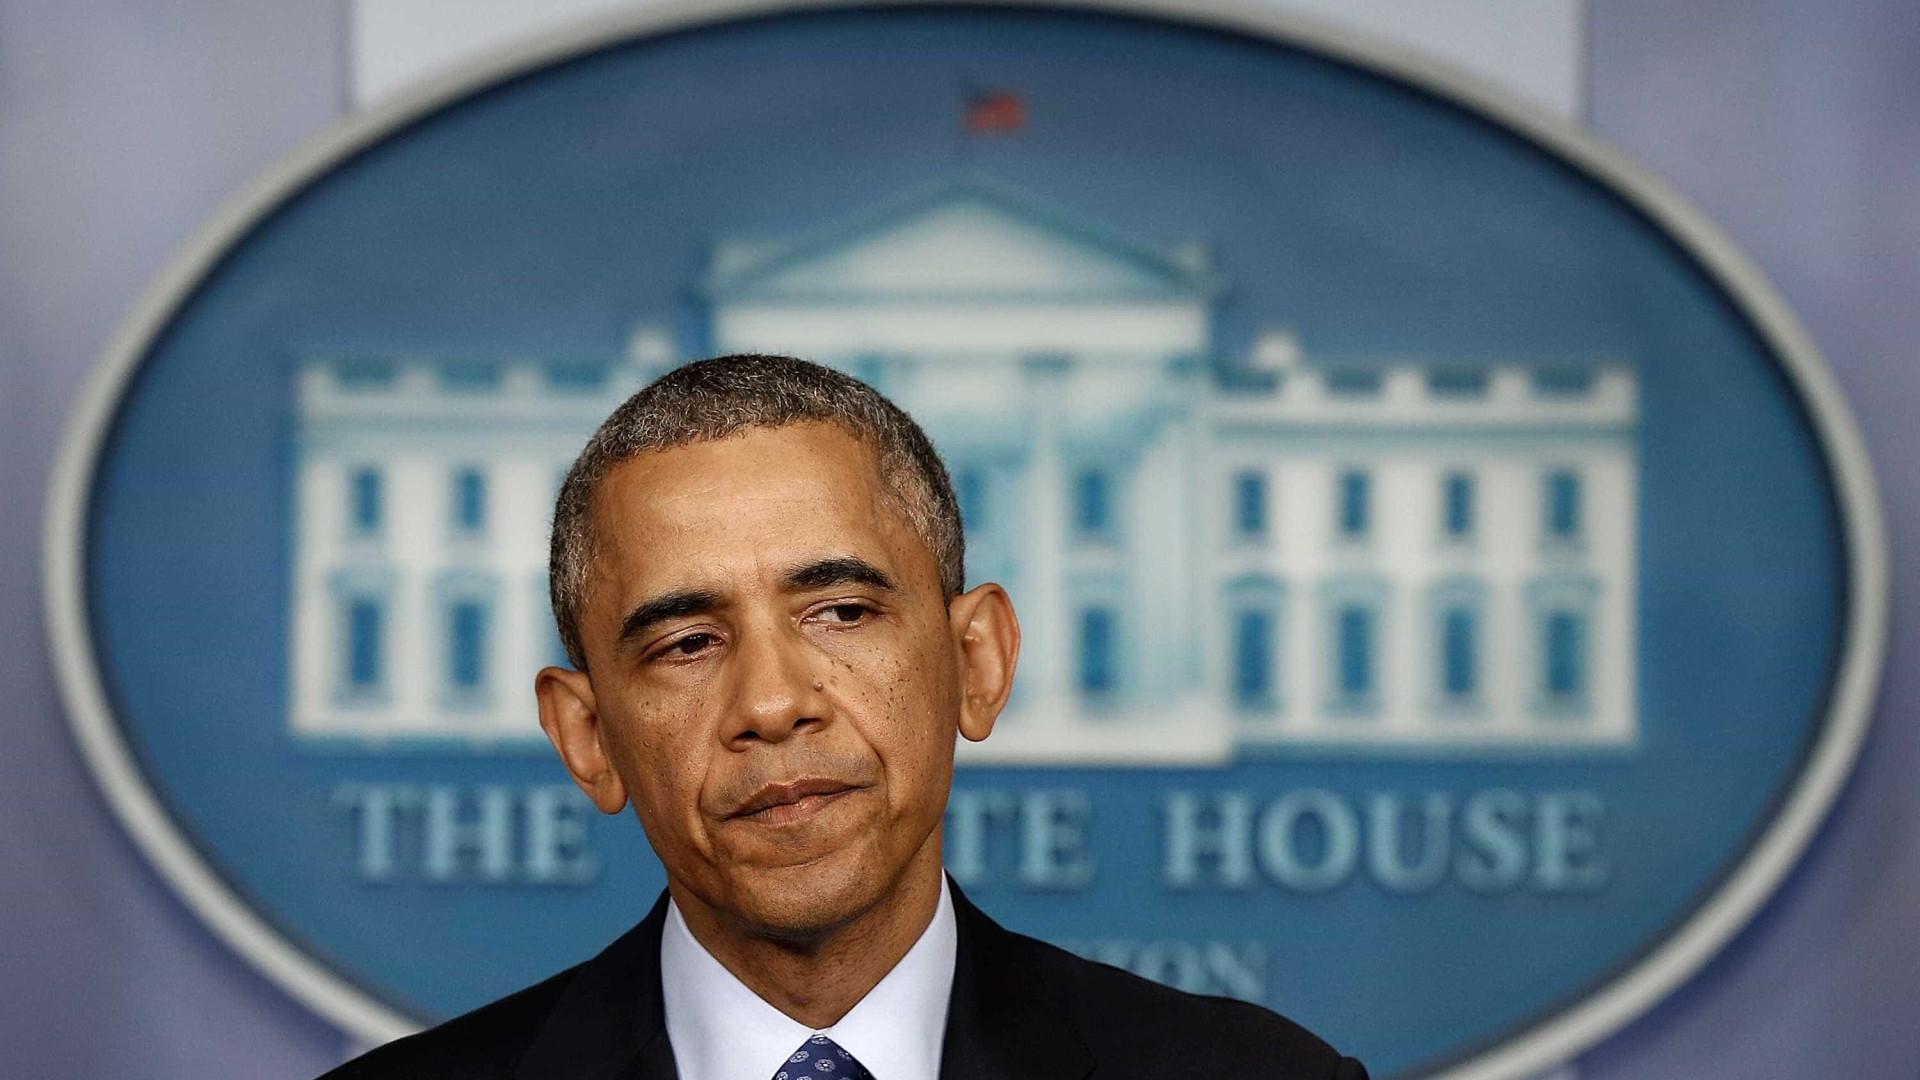 Obama culpa austeridade pela redução do crescimento na Europa